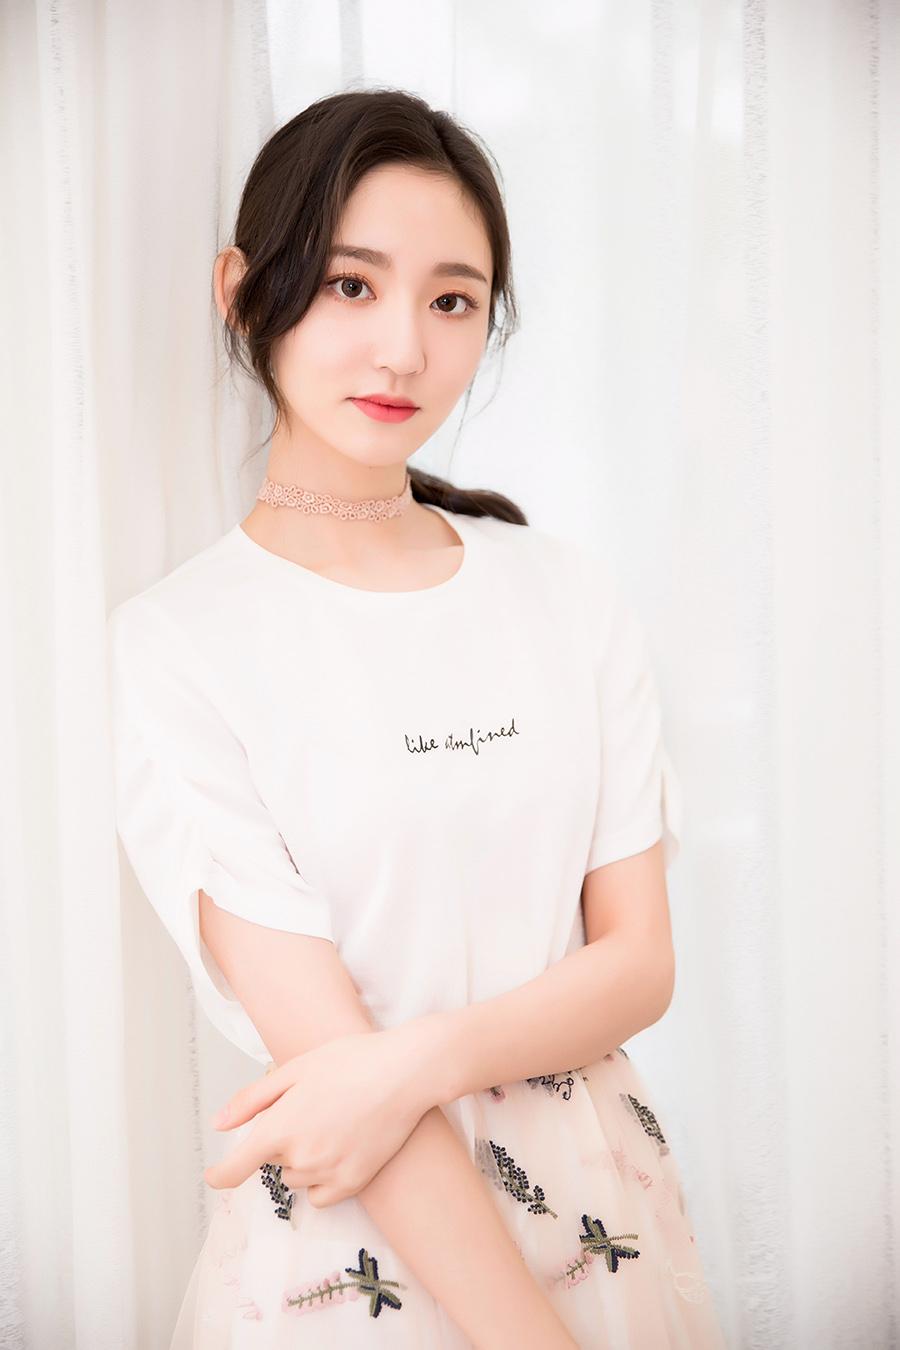 《创造101》王莫涵初夏写真曝光 演绎甜美少女力